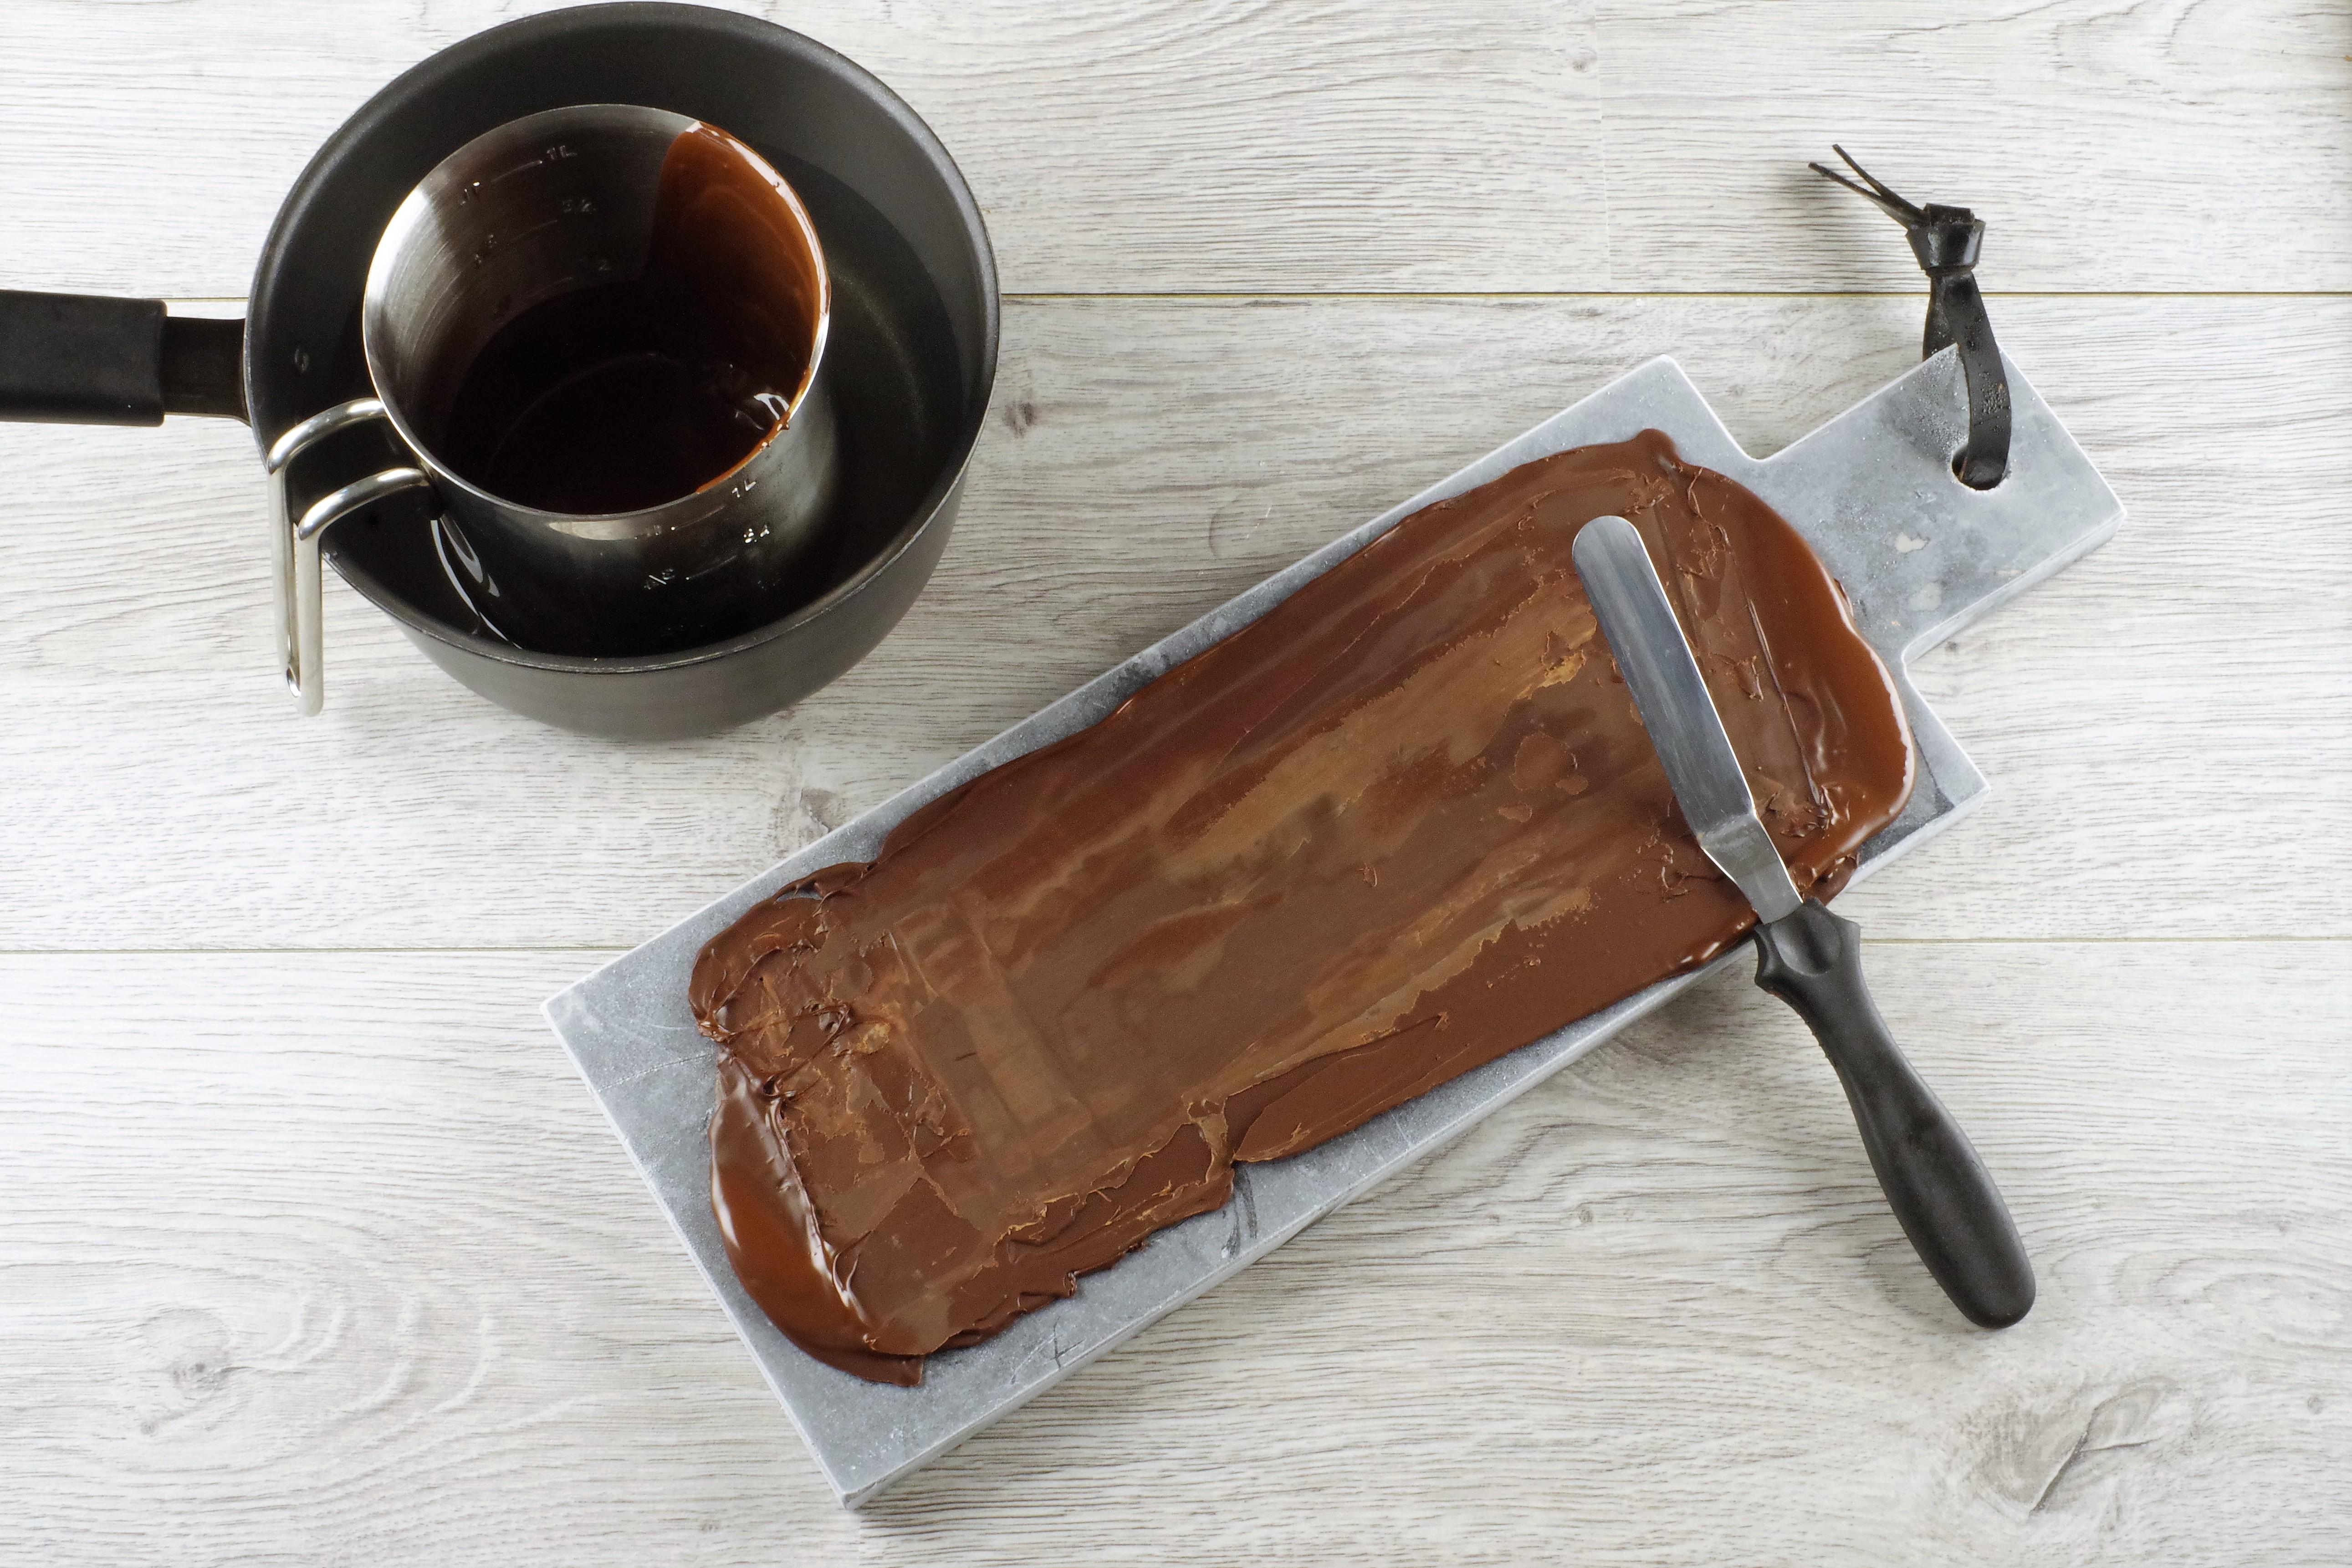 Trinn for trinn sjokoladepynt 3 - bre den utover